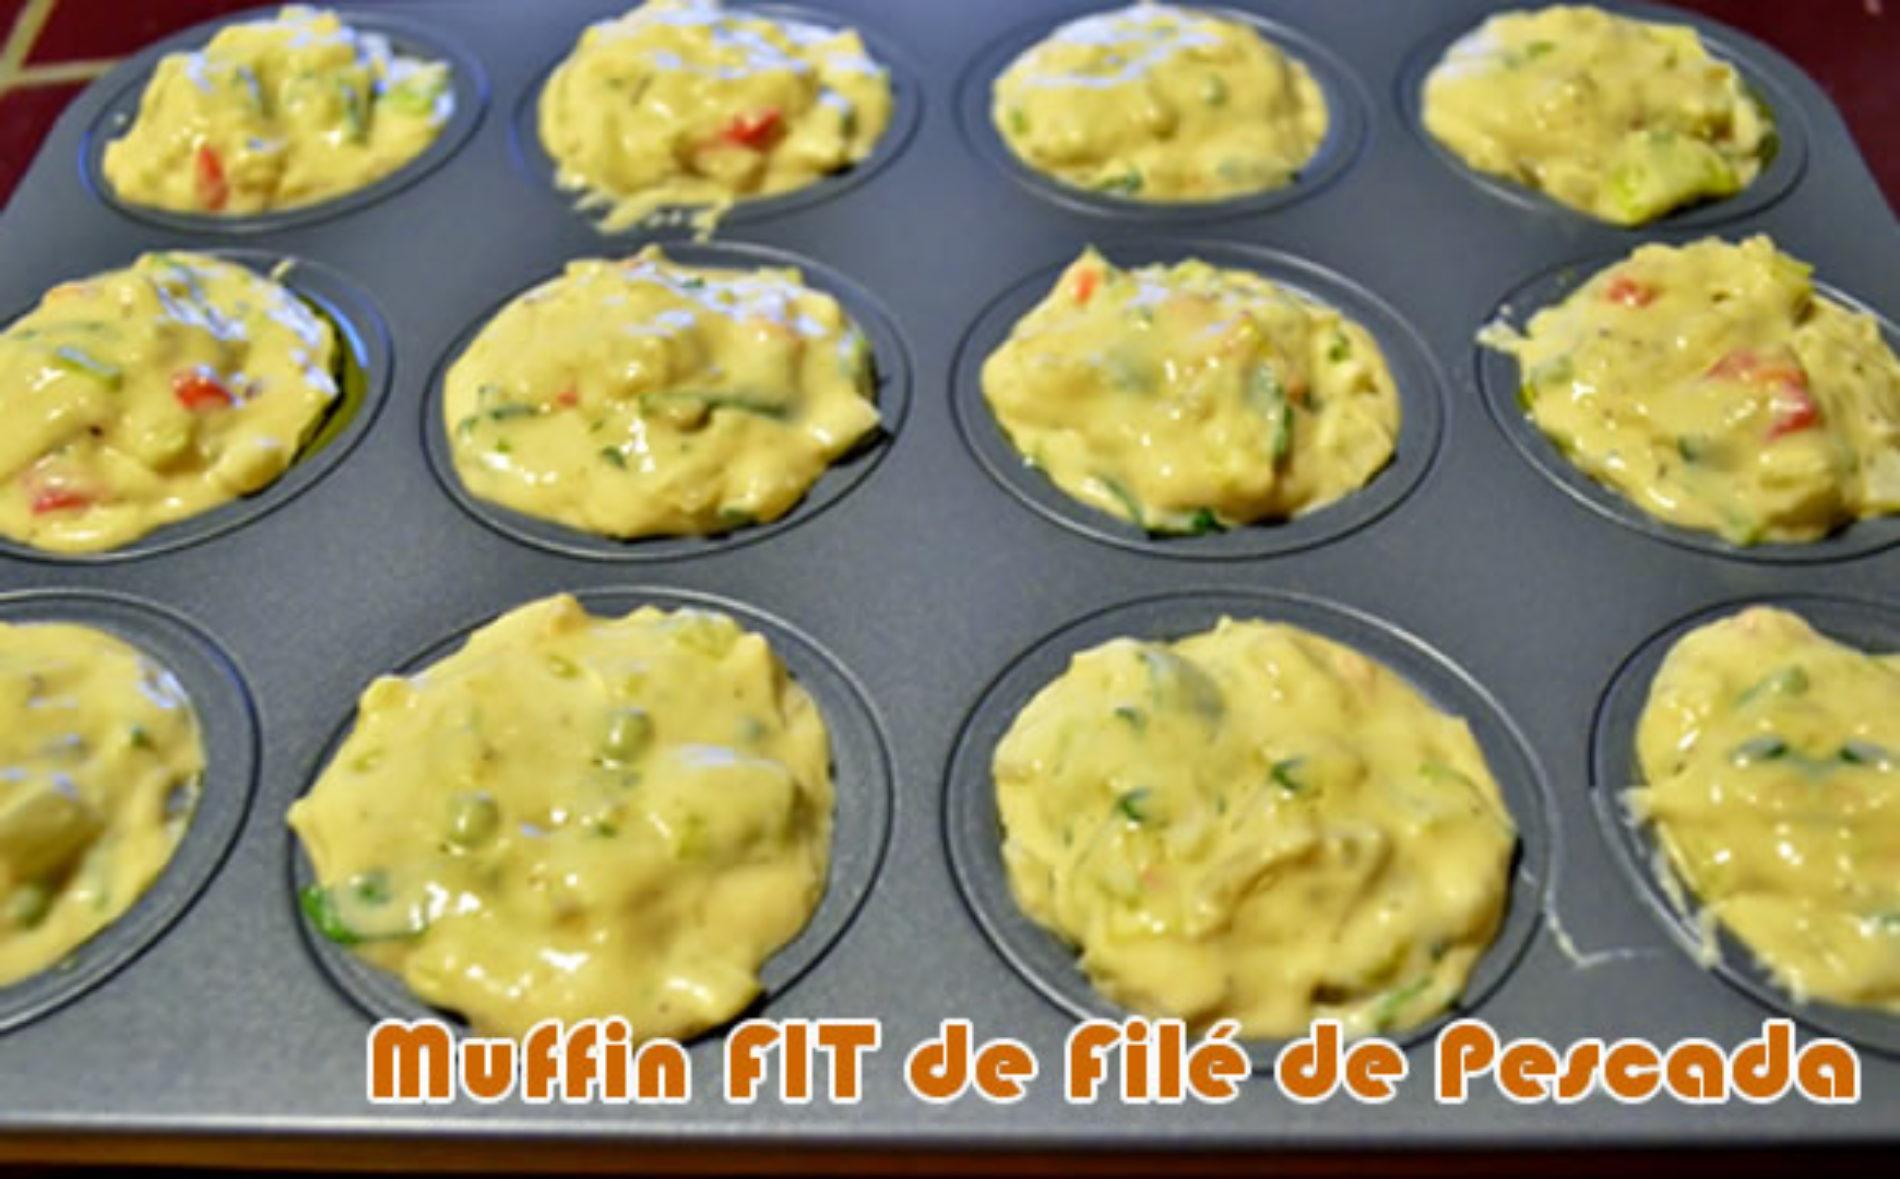 Muffin de filé de pescada FIT